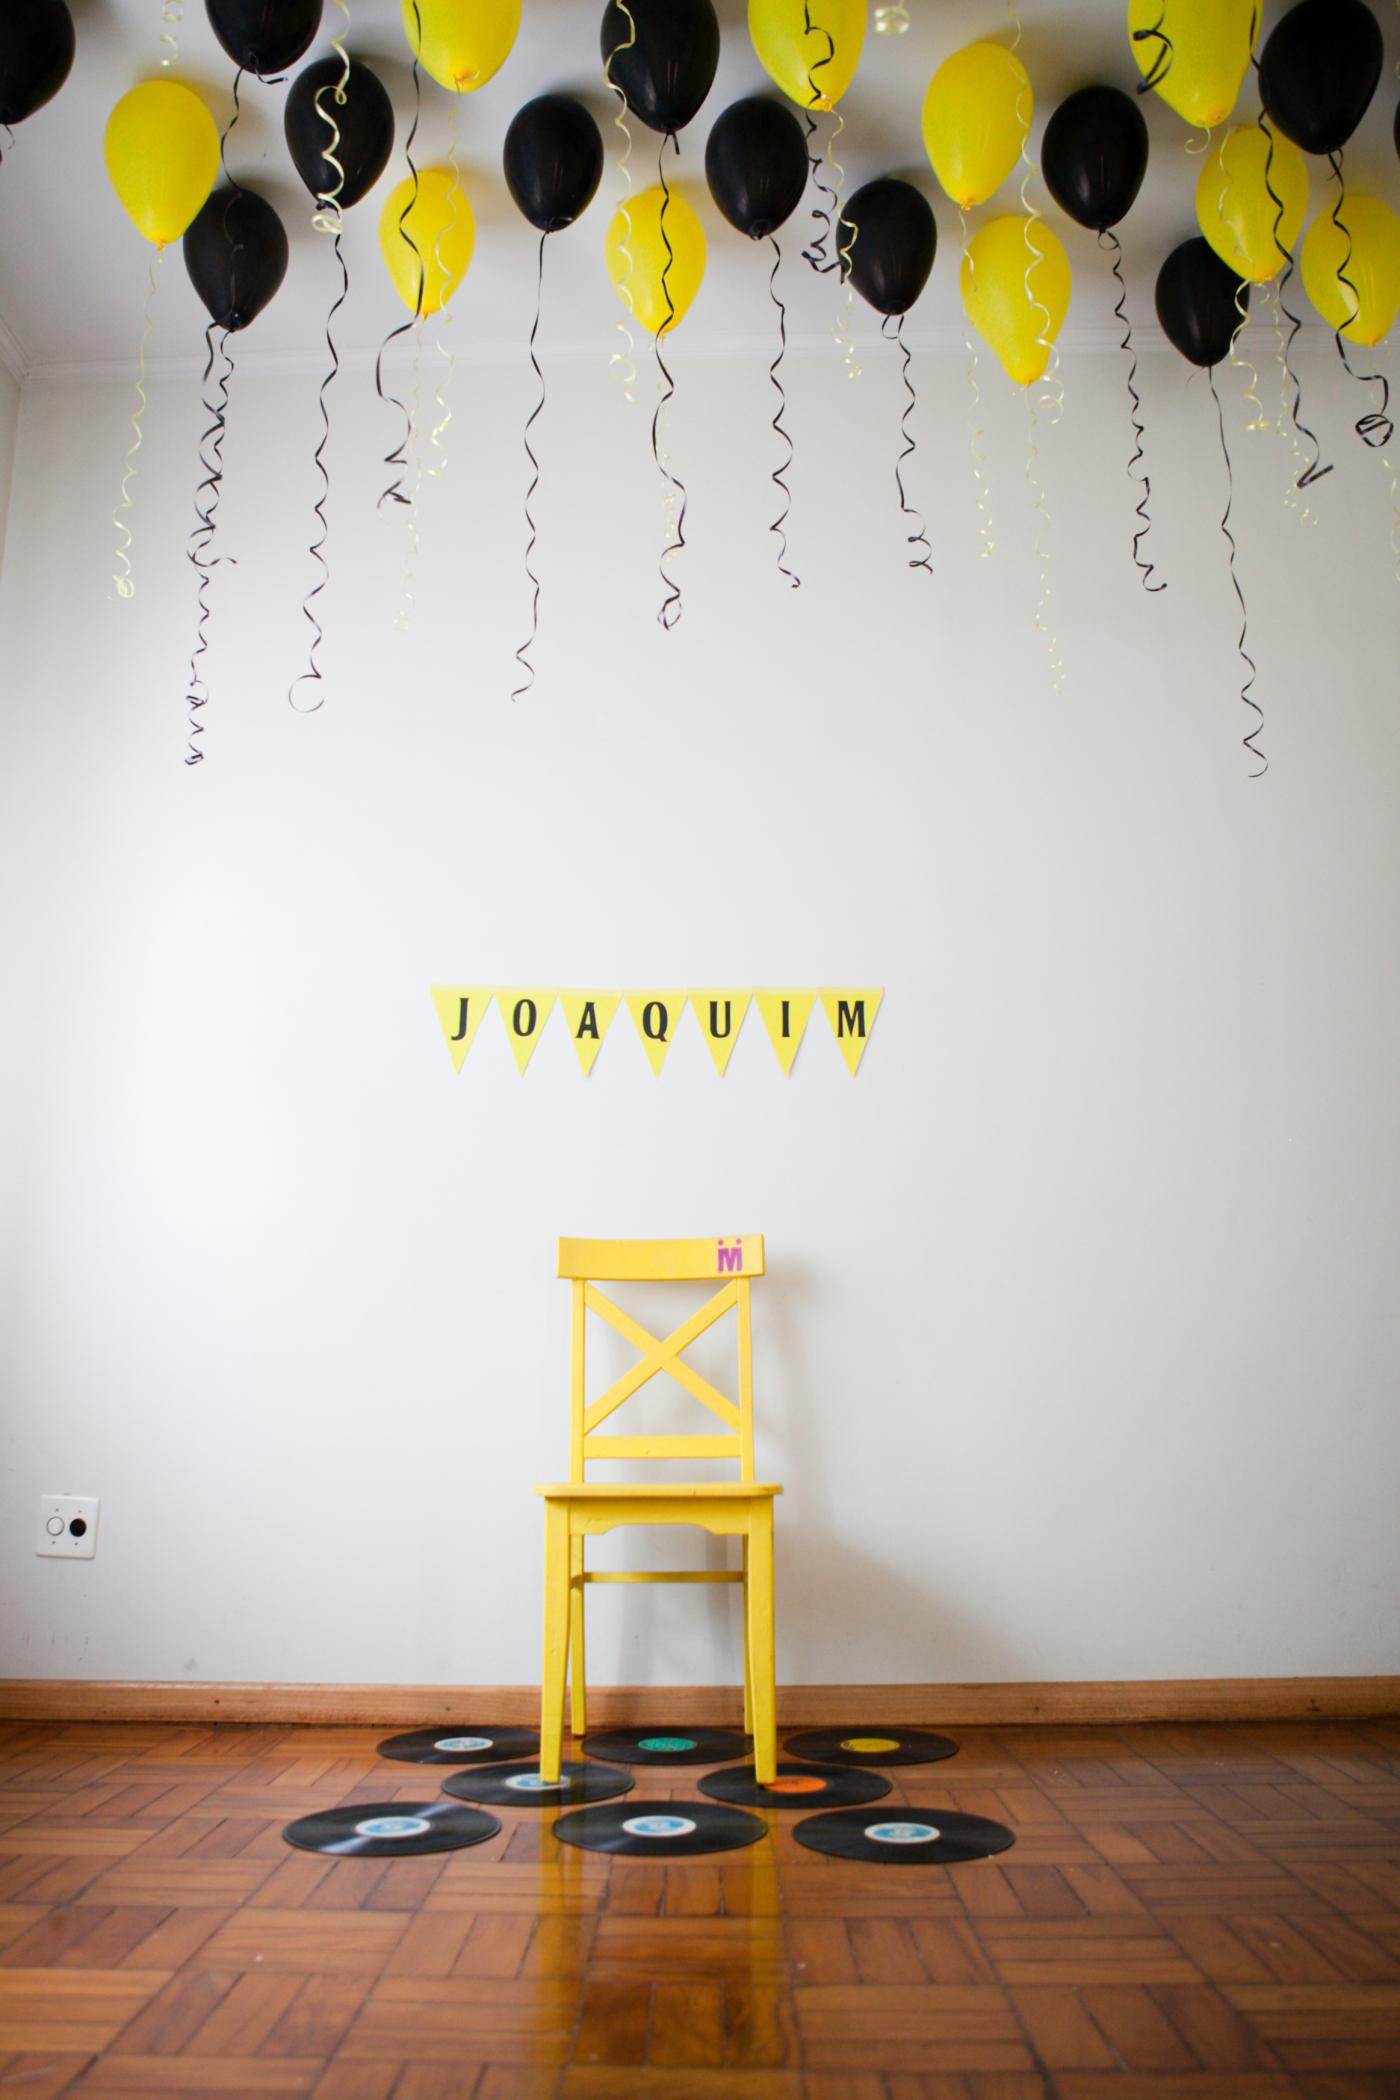 La première fête d'anniversaire de Joaquim: déco et joie !